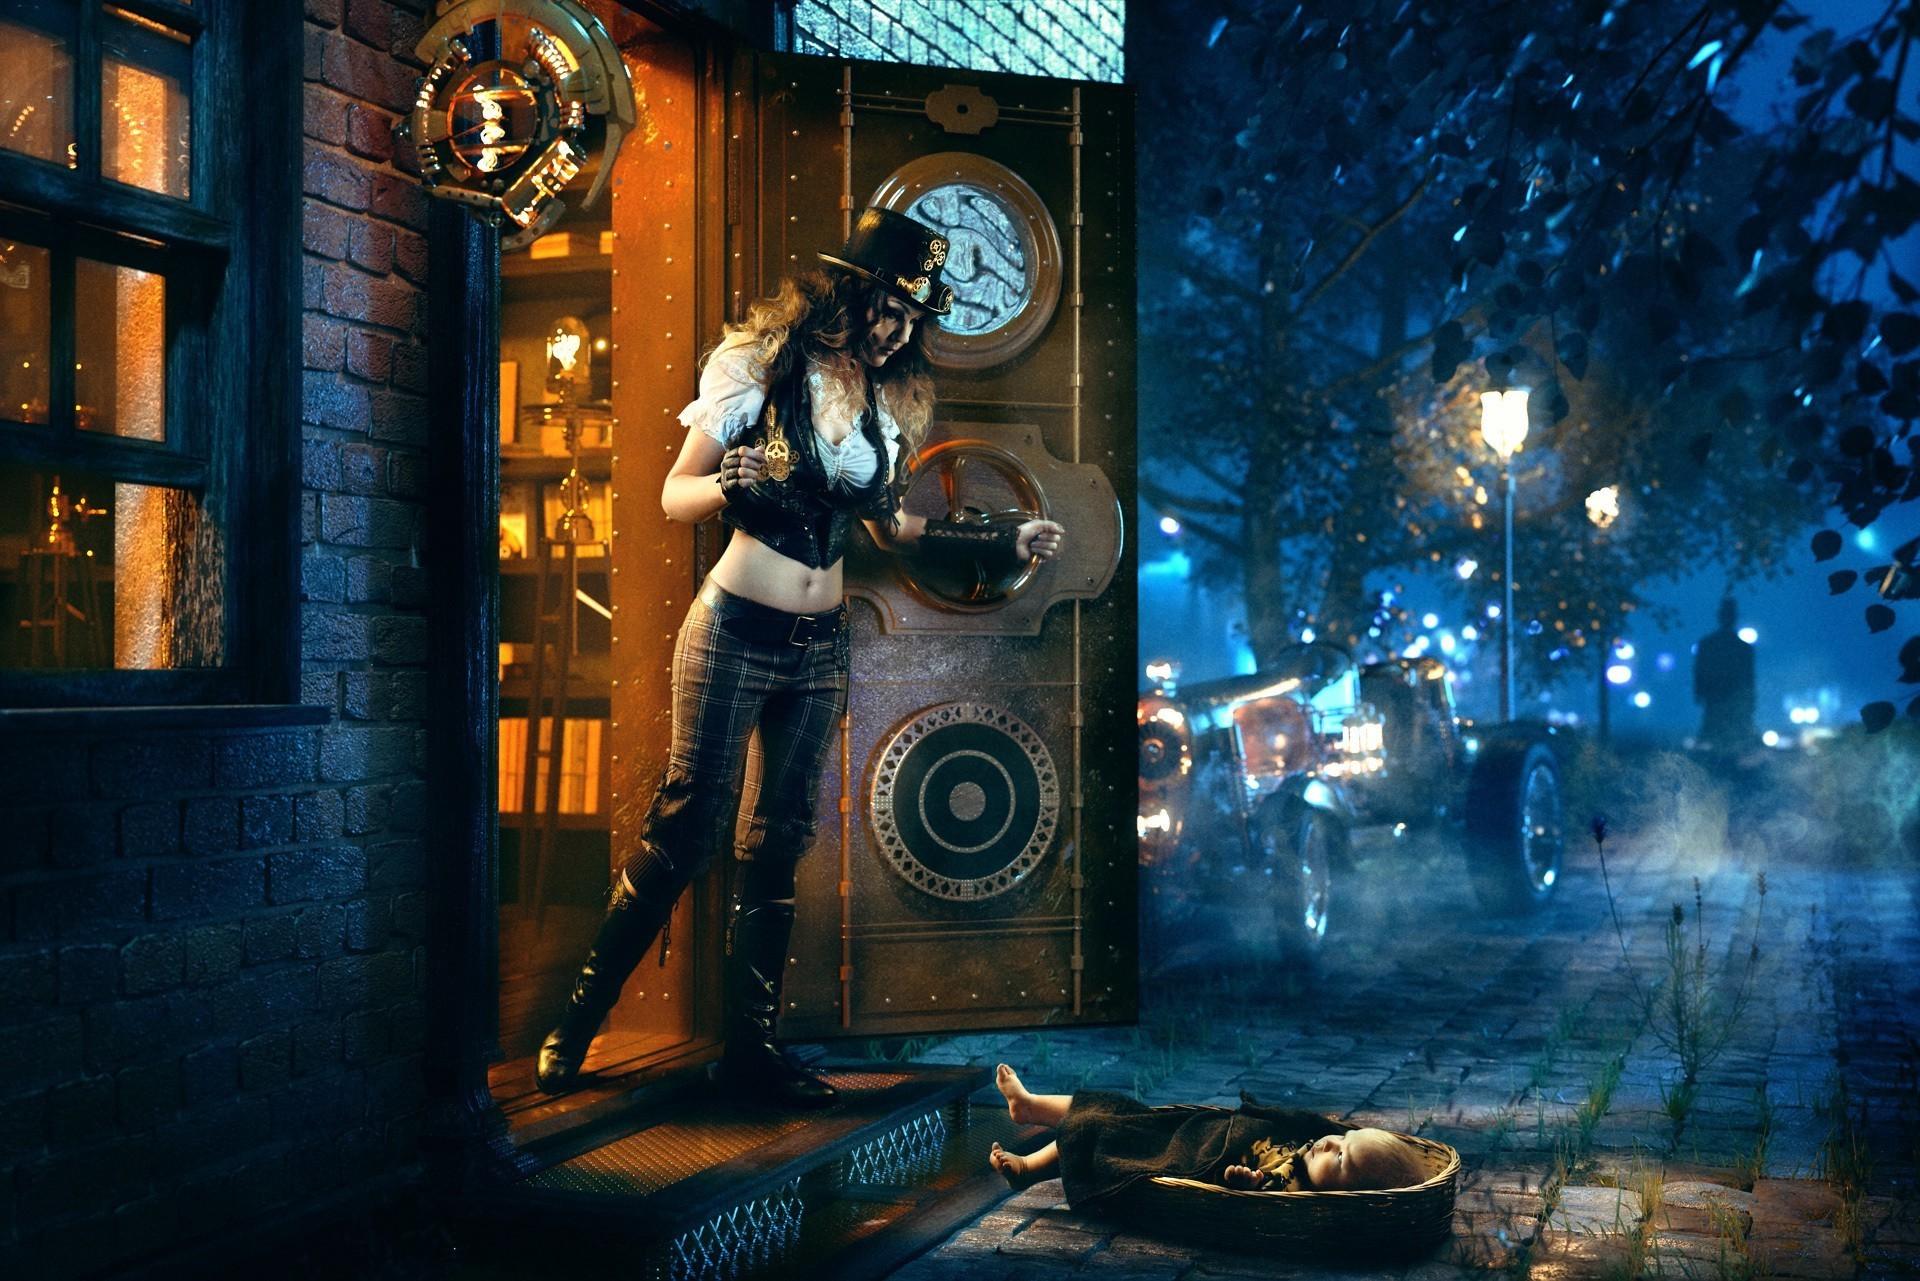 steampunk desktop background 70 images